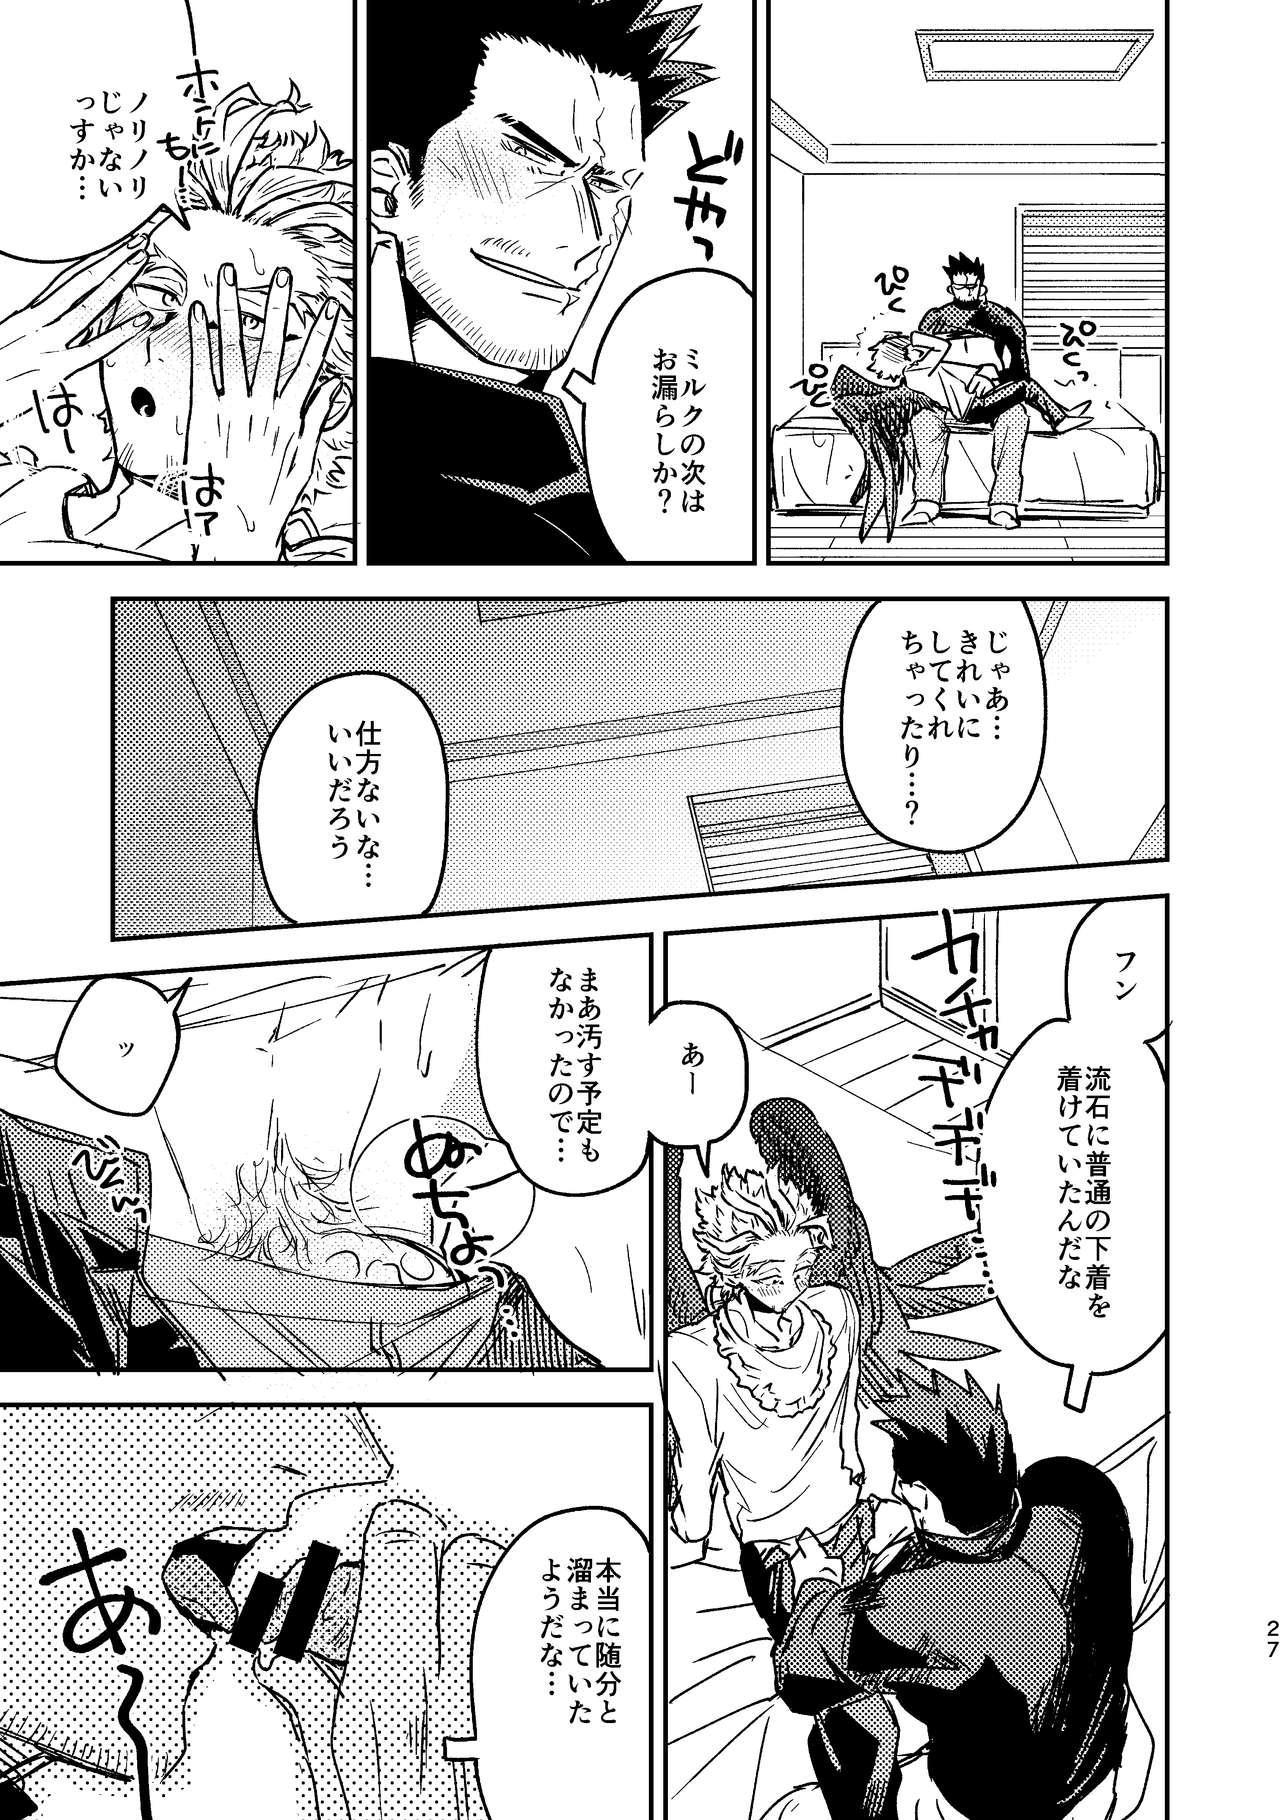 WEB Sairoku Zumi HawEn Manga ga Kami demo Yomeru Hon. 26